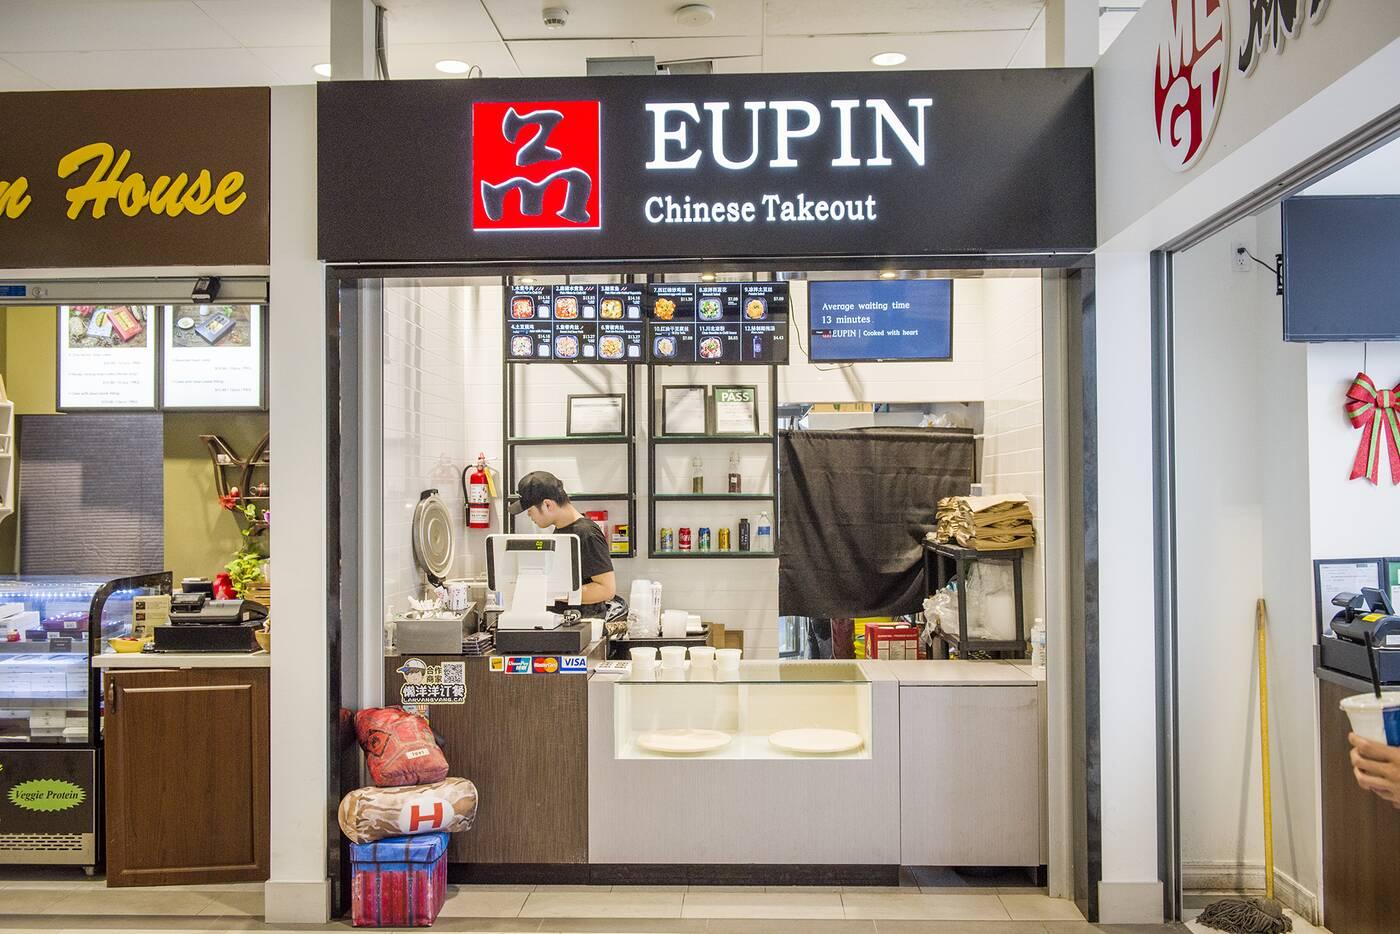 Eupin Toronto